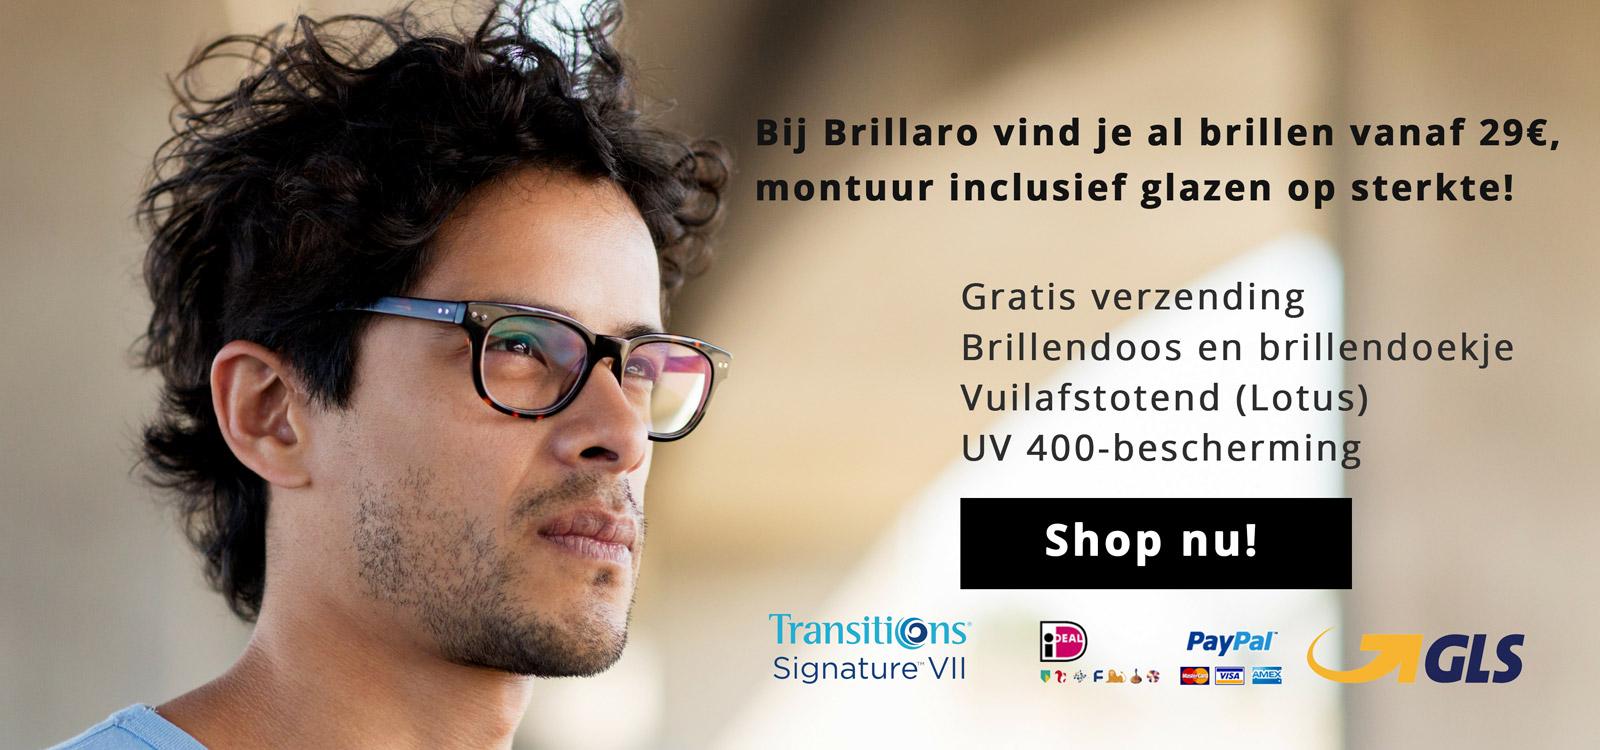 De beste online brillen koop je bij Brillaro.